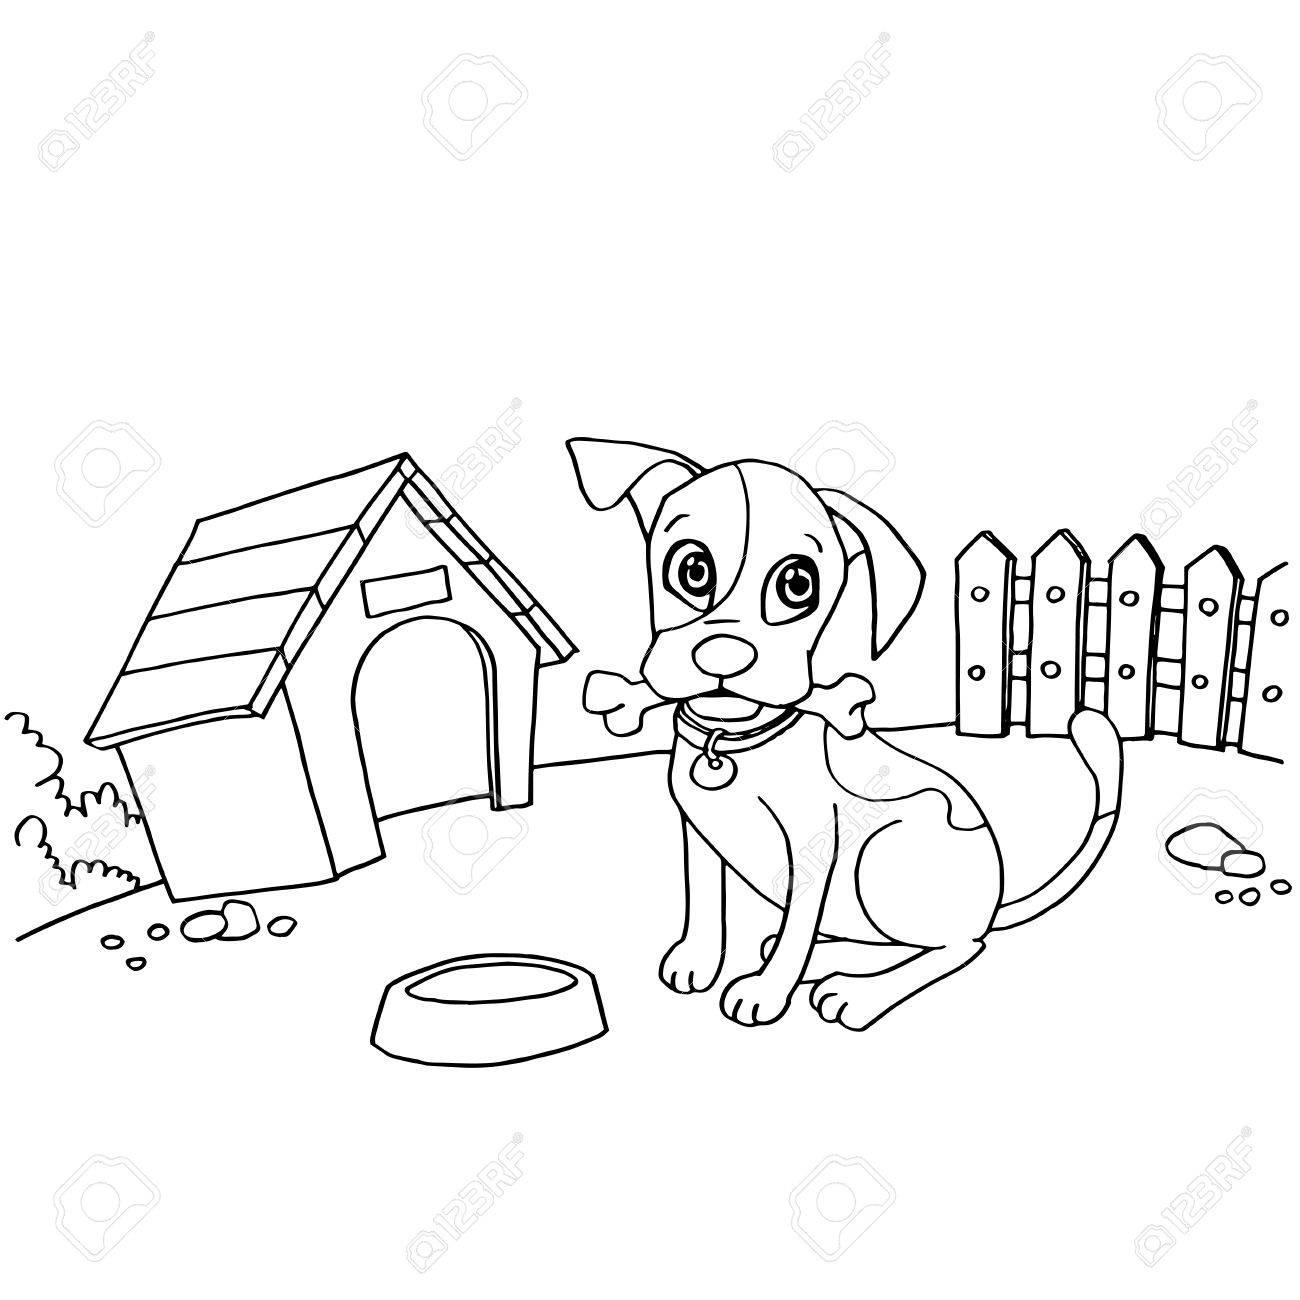 Perro Con Hueso En La Boca En Casa Dibujos Animados Para Colorear